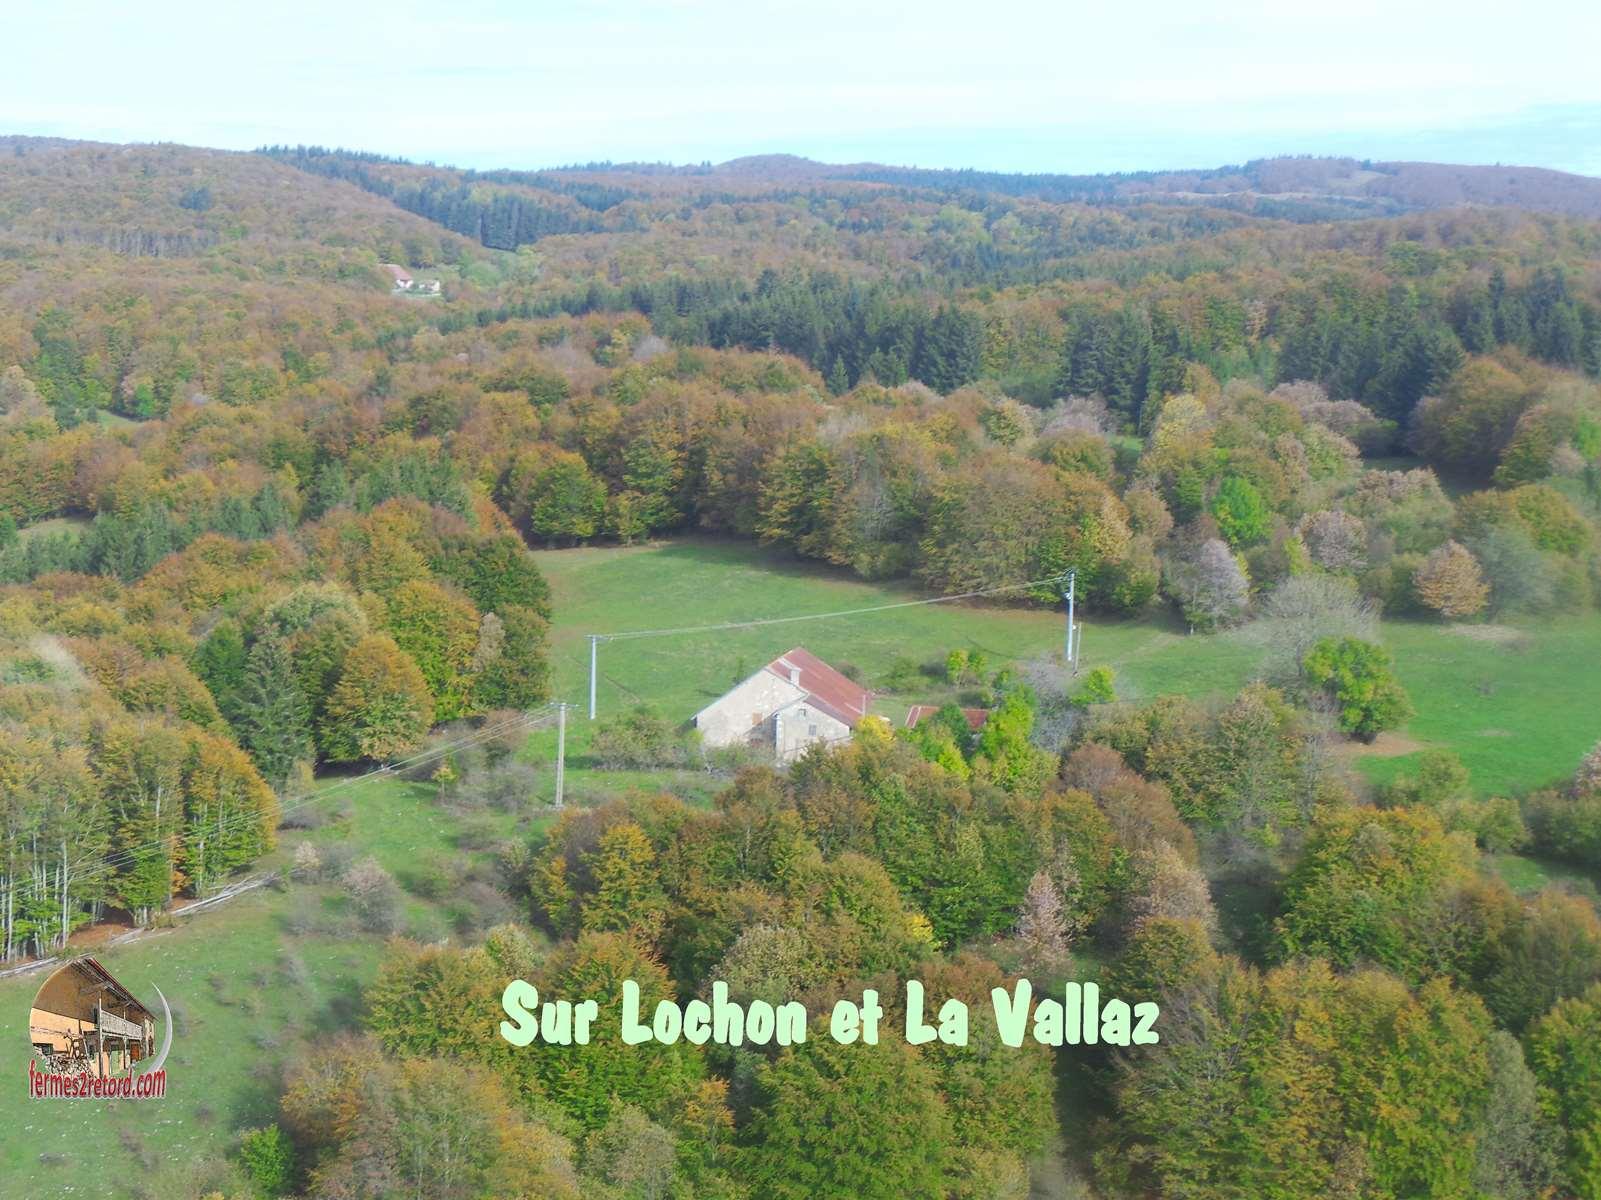 Sur Lochon et Lavallaz.jpg